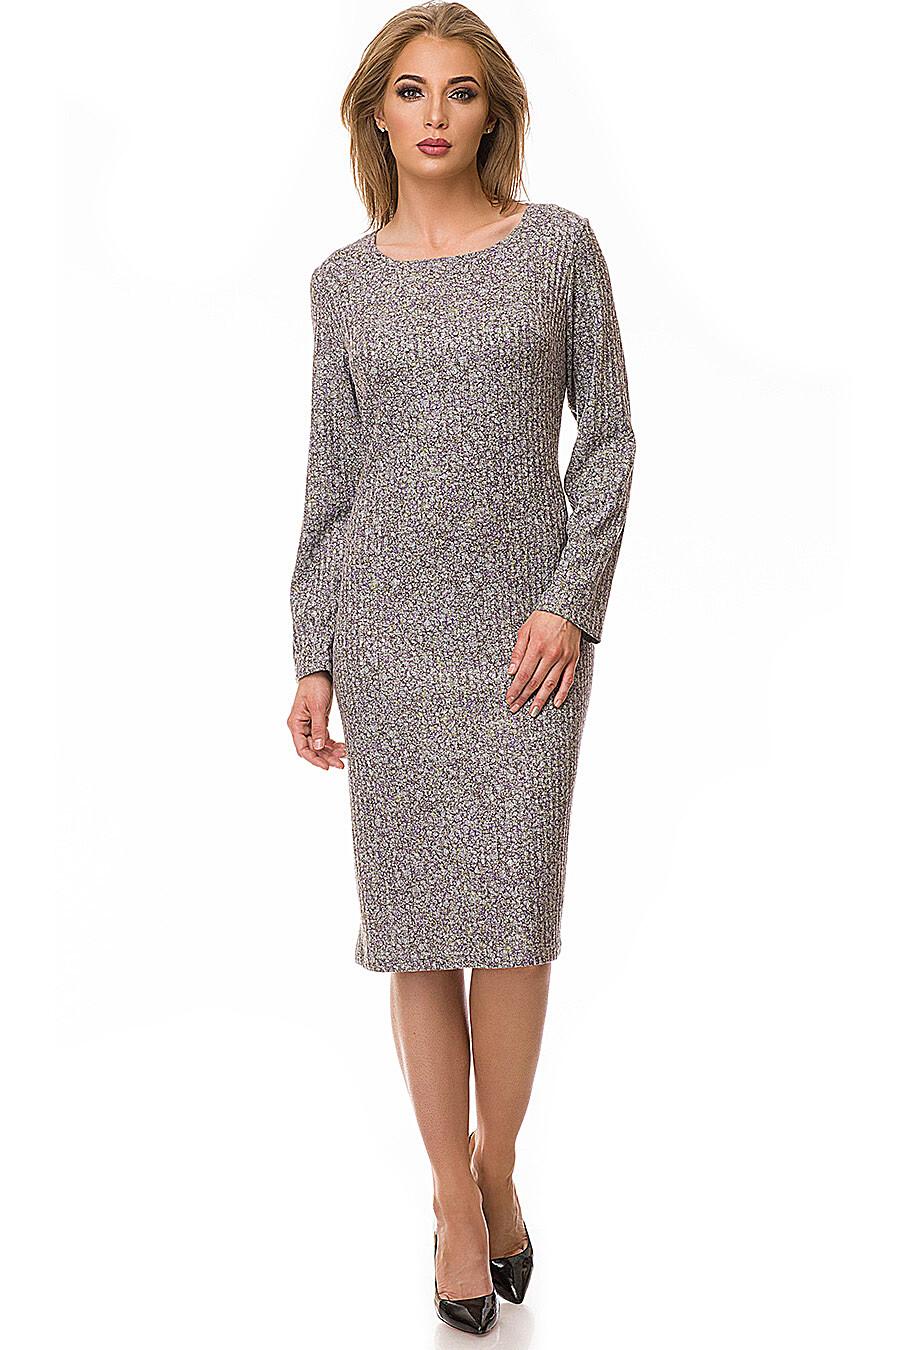 Платье AMARTI (78586), купить в Moyo.moda